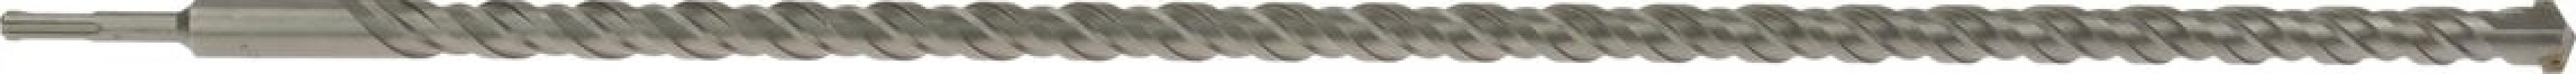 Burghiu pentru beton SDS PLUS 25 / 800mm Geko G62580 Accesorii masini de gaurit